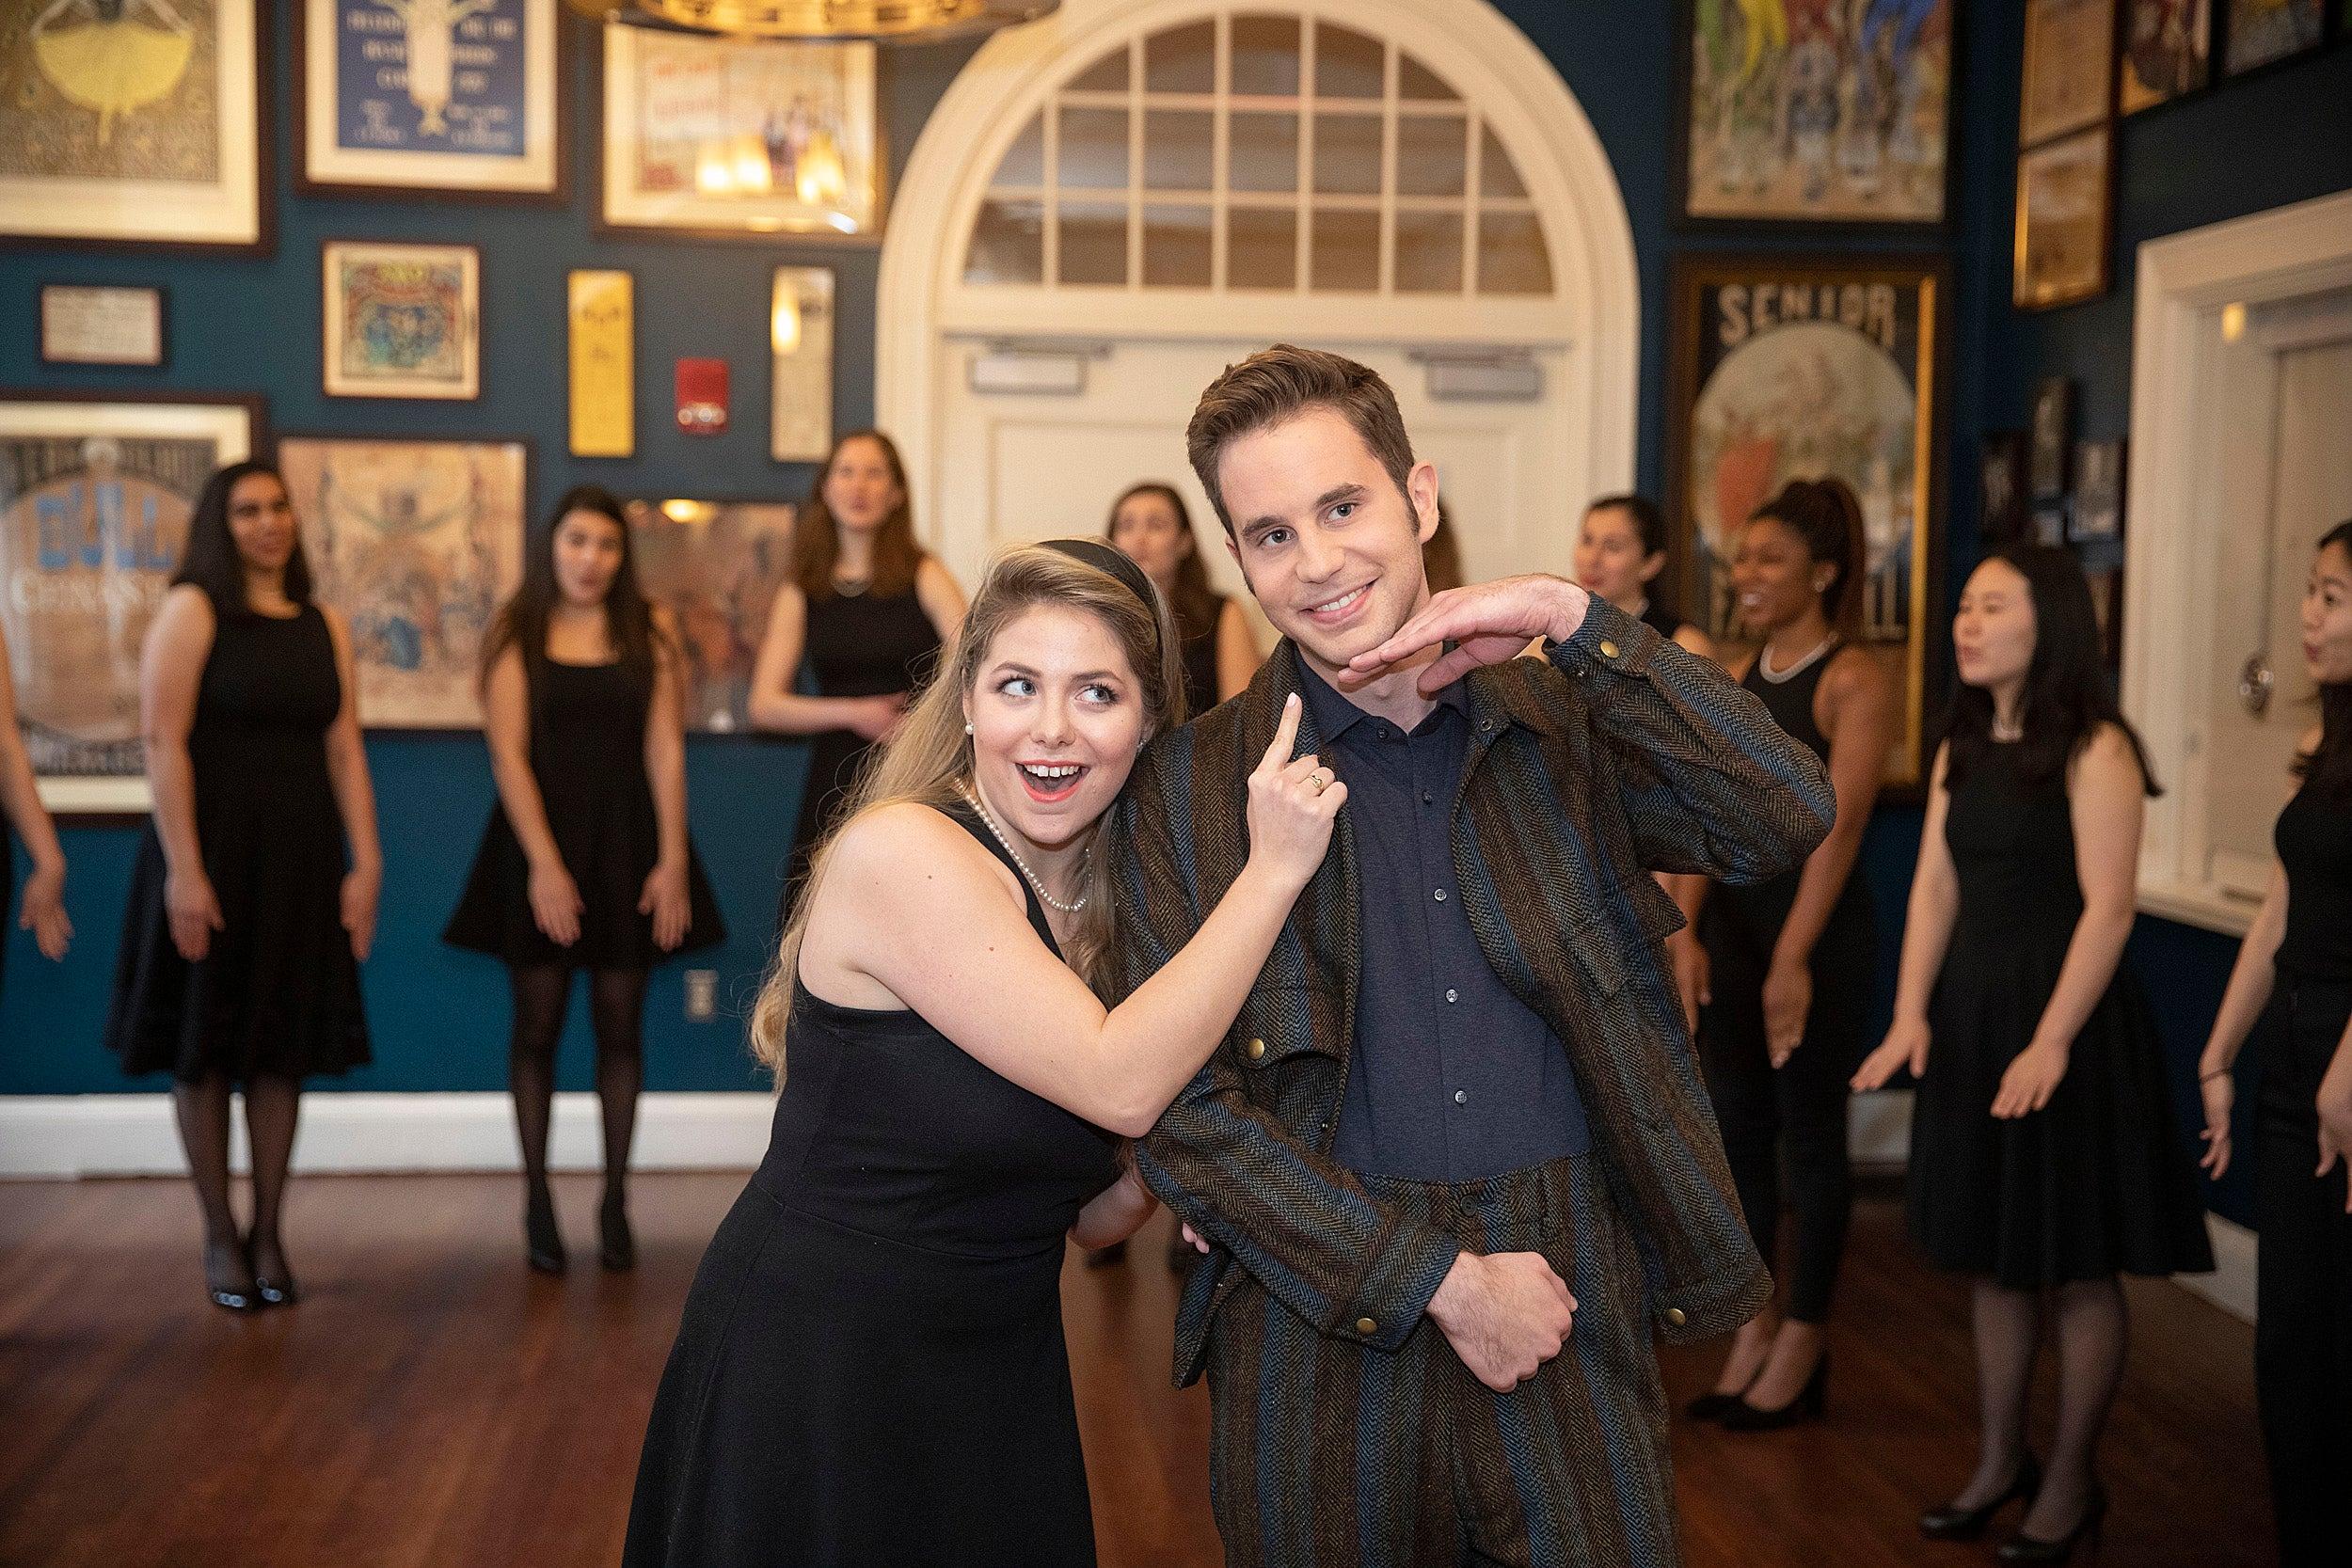 Man of the Year Ben Platt gets a musical tour of Farkas Hall